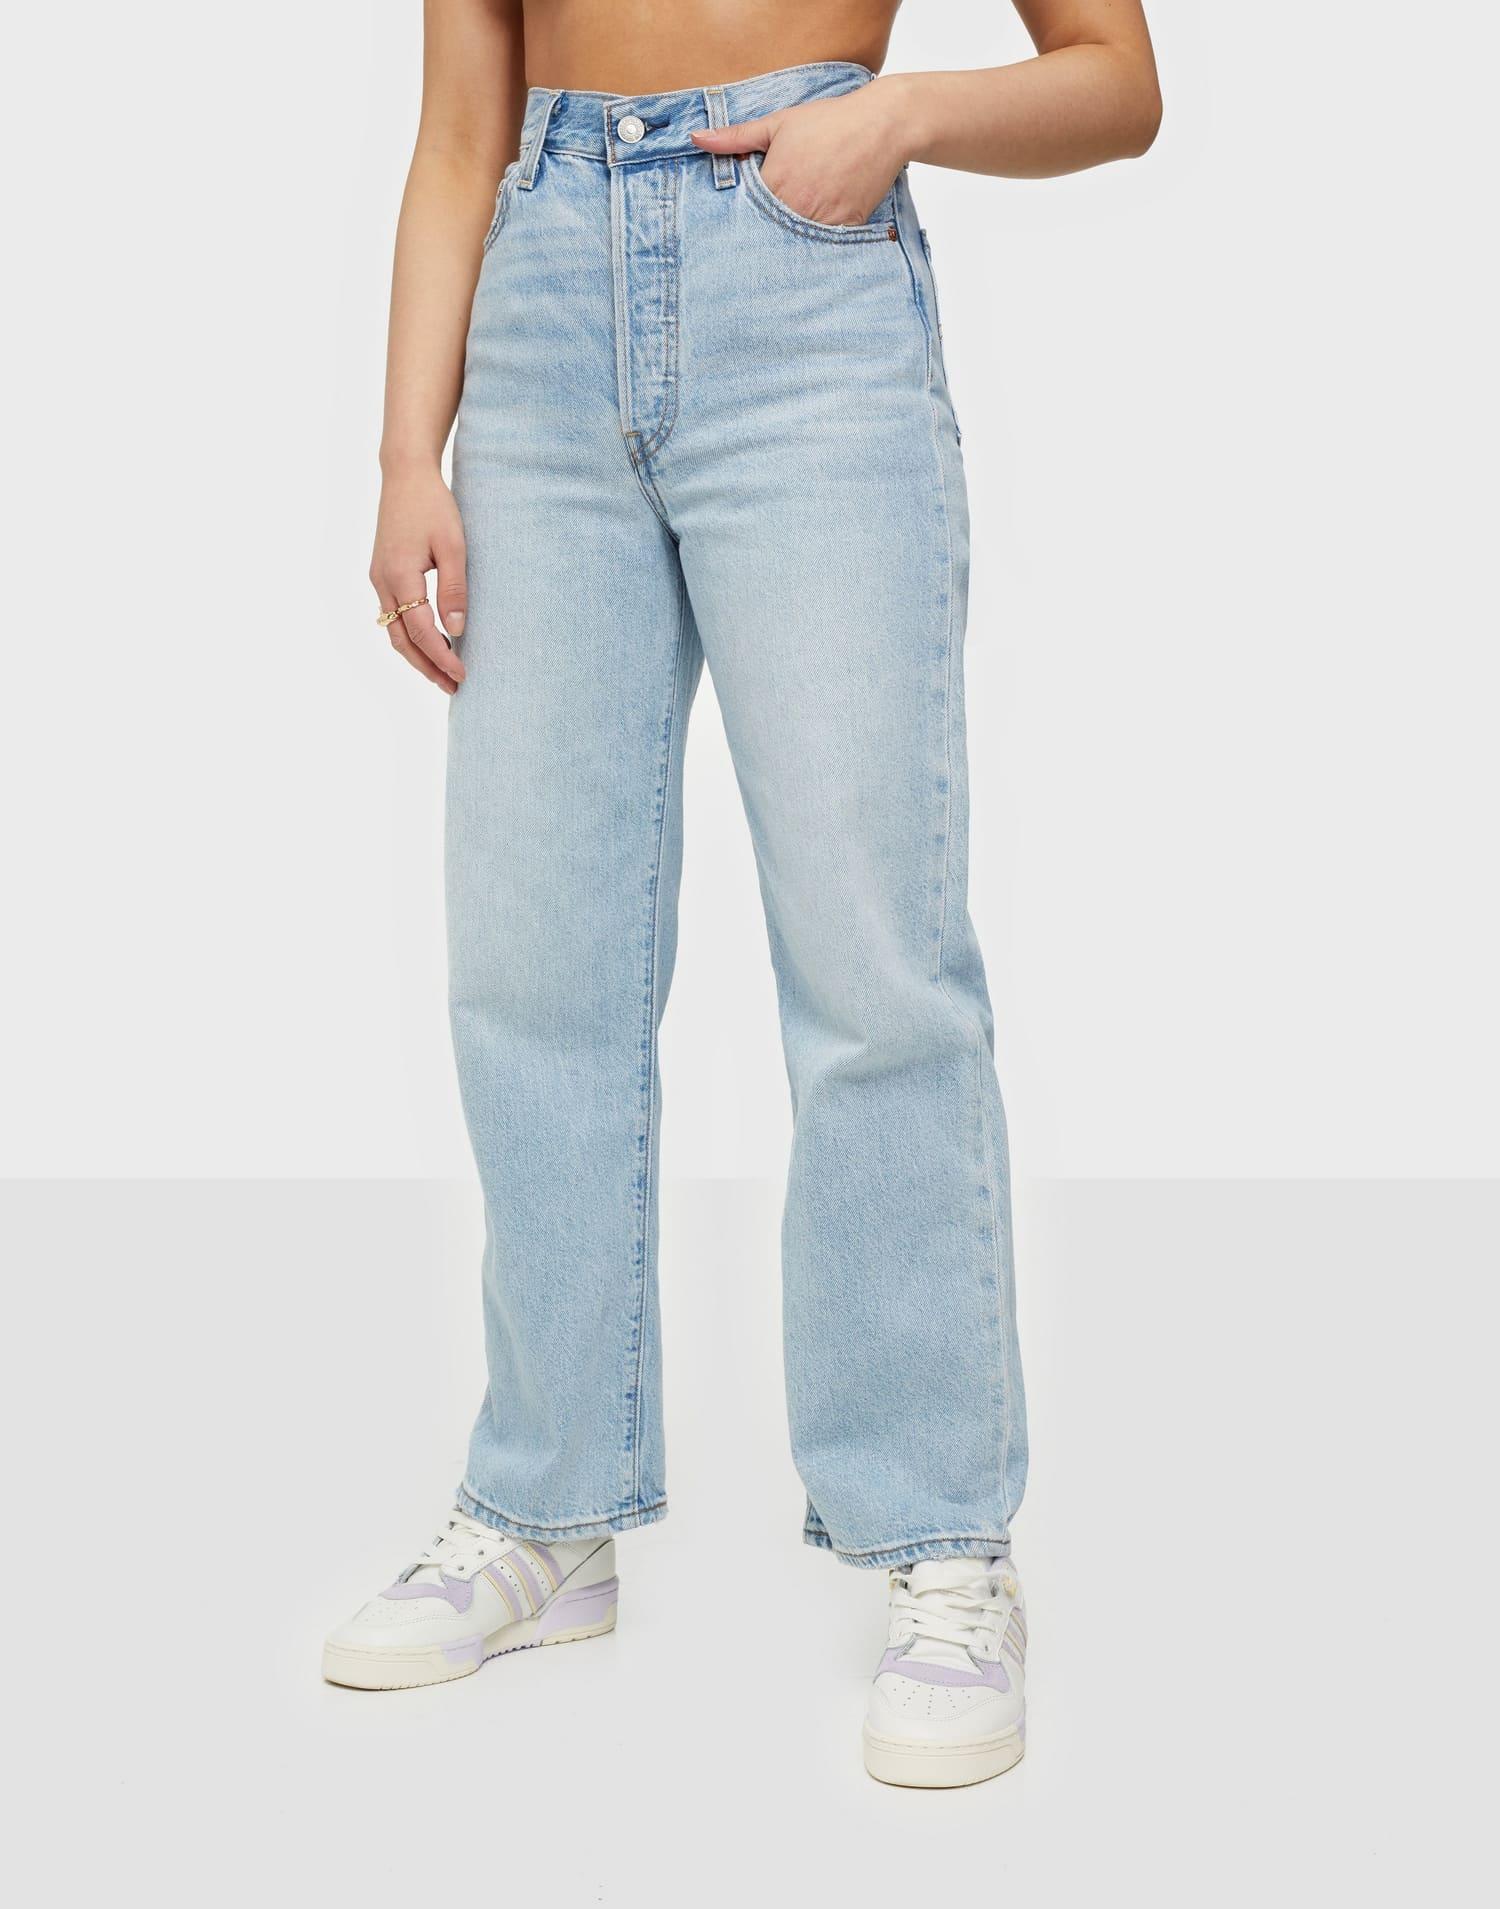 Ljusblå byxor i loose fit från Levi's.